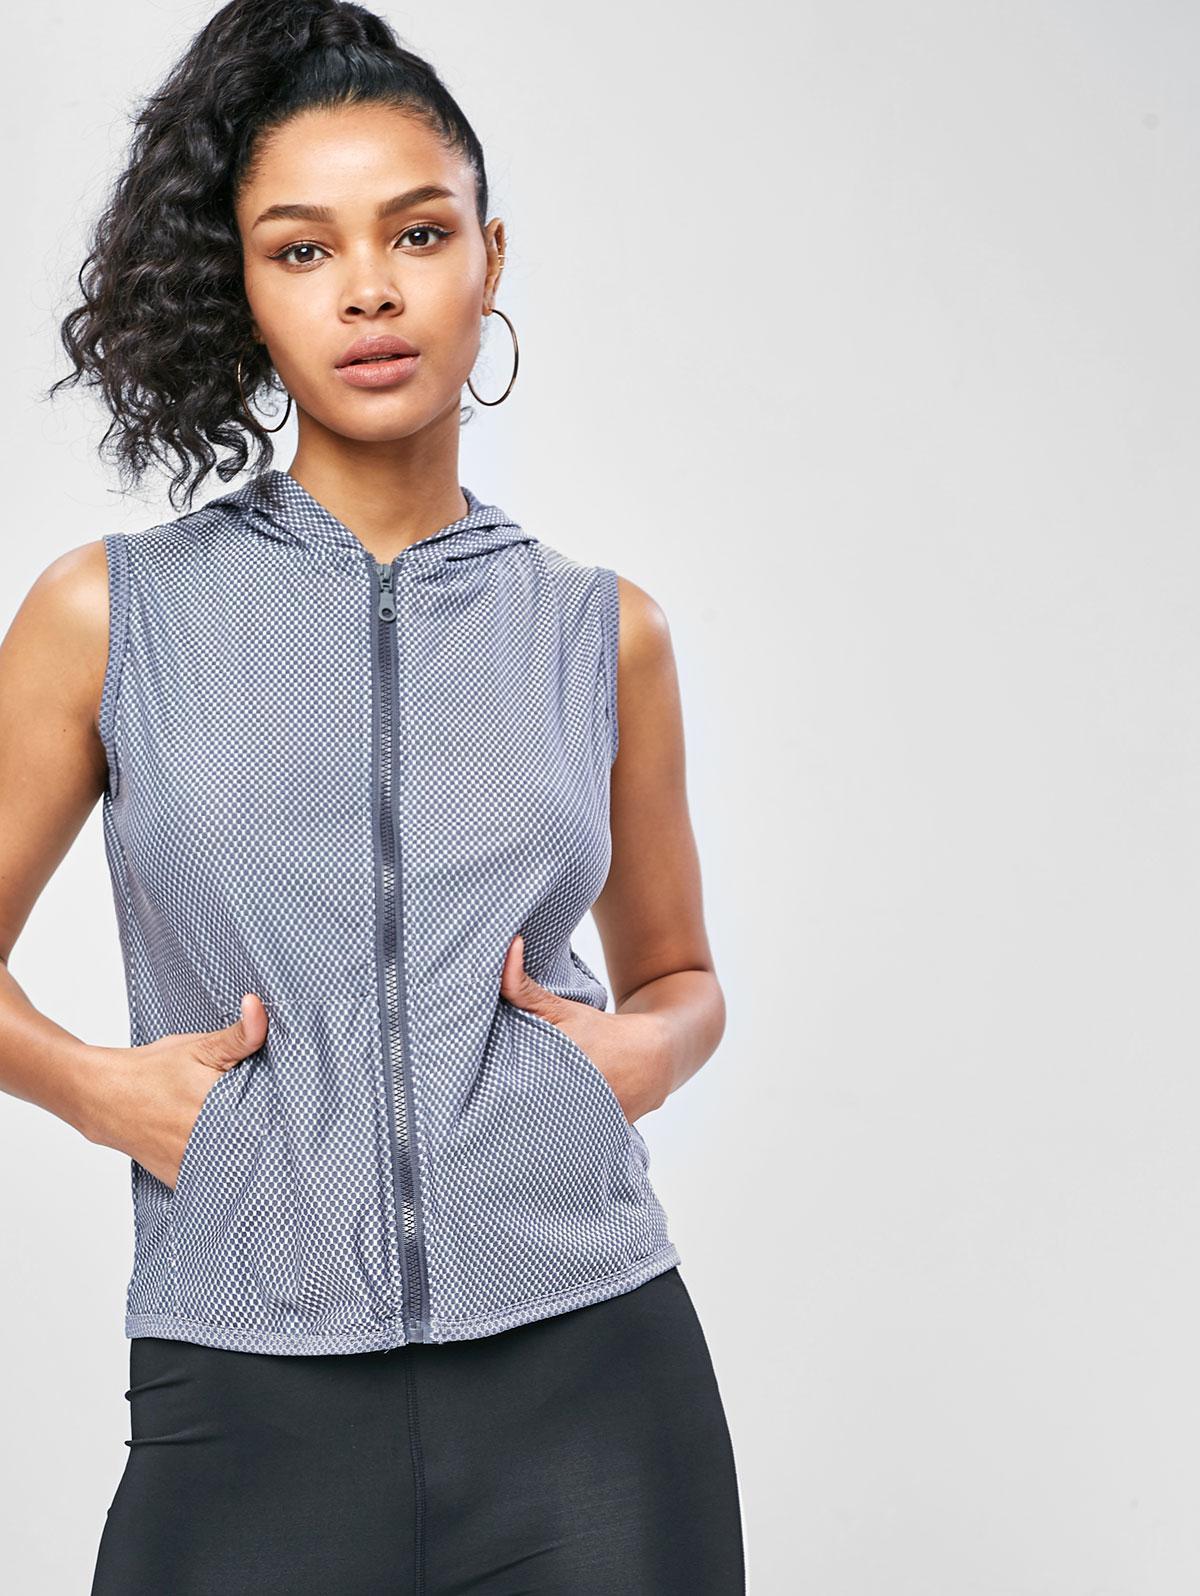 Pocket Zip Hooded Gym Tank Top